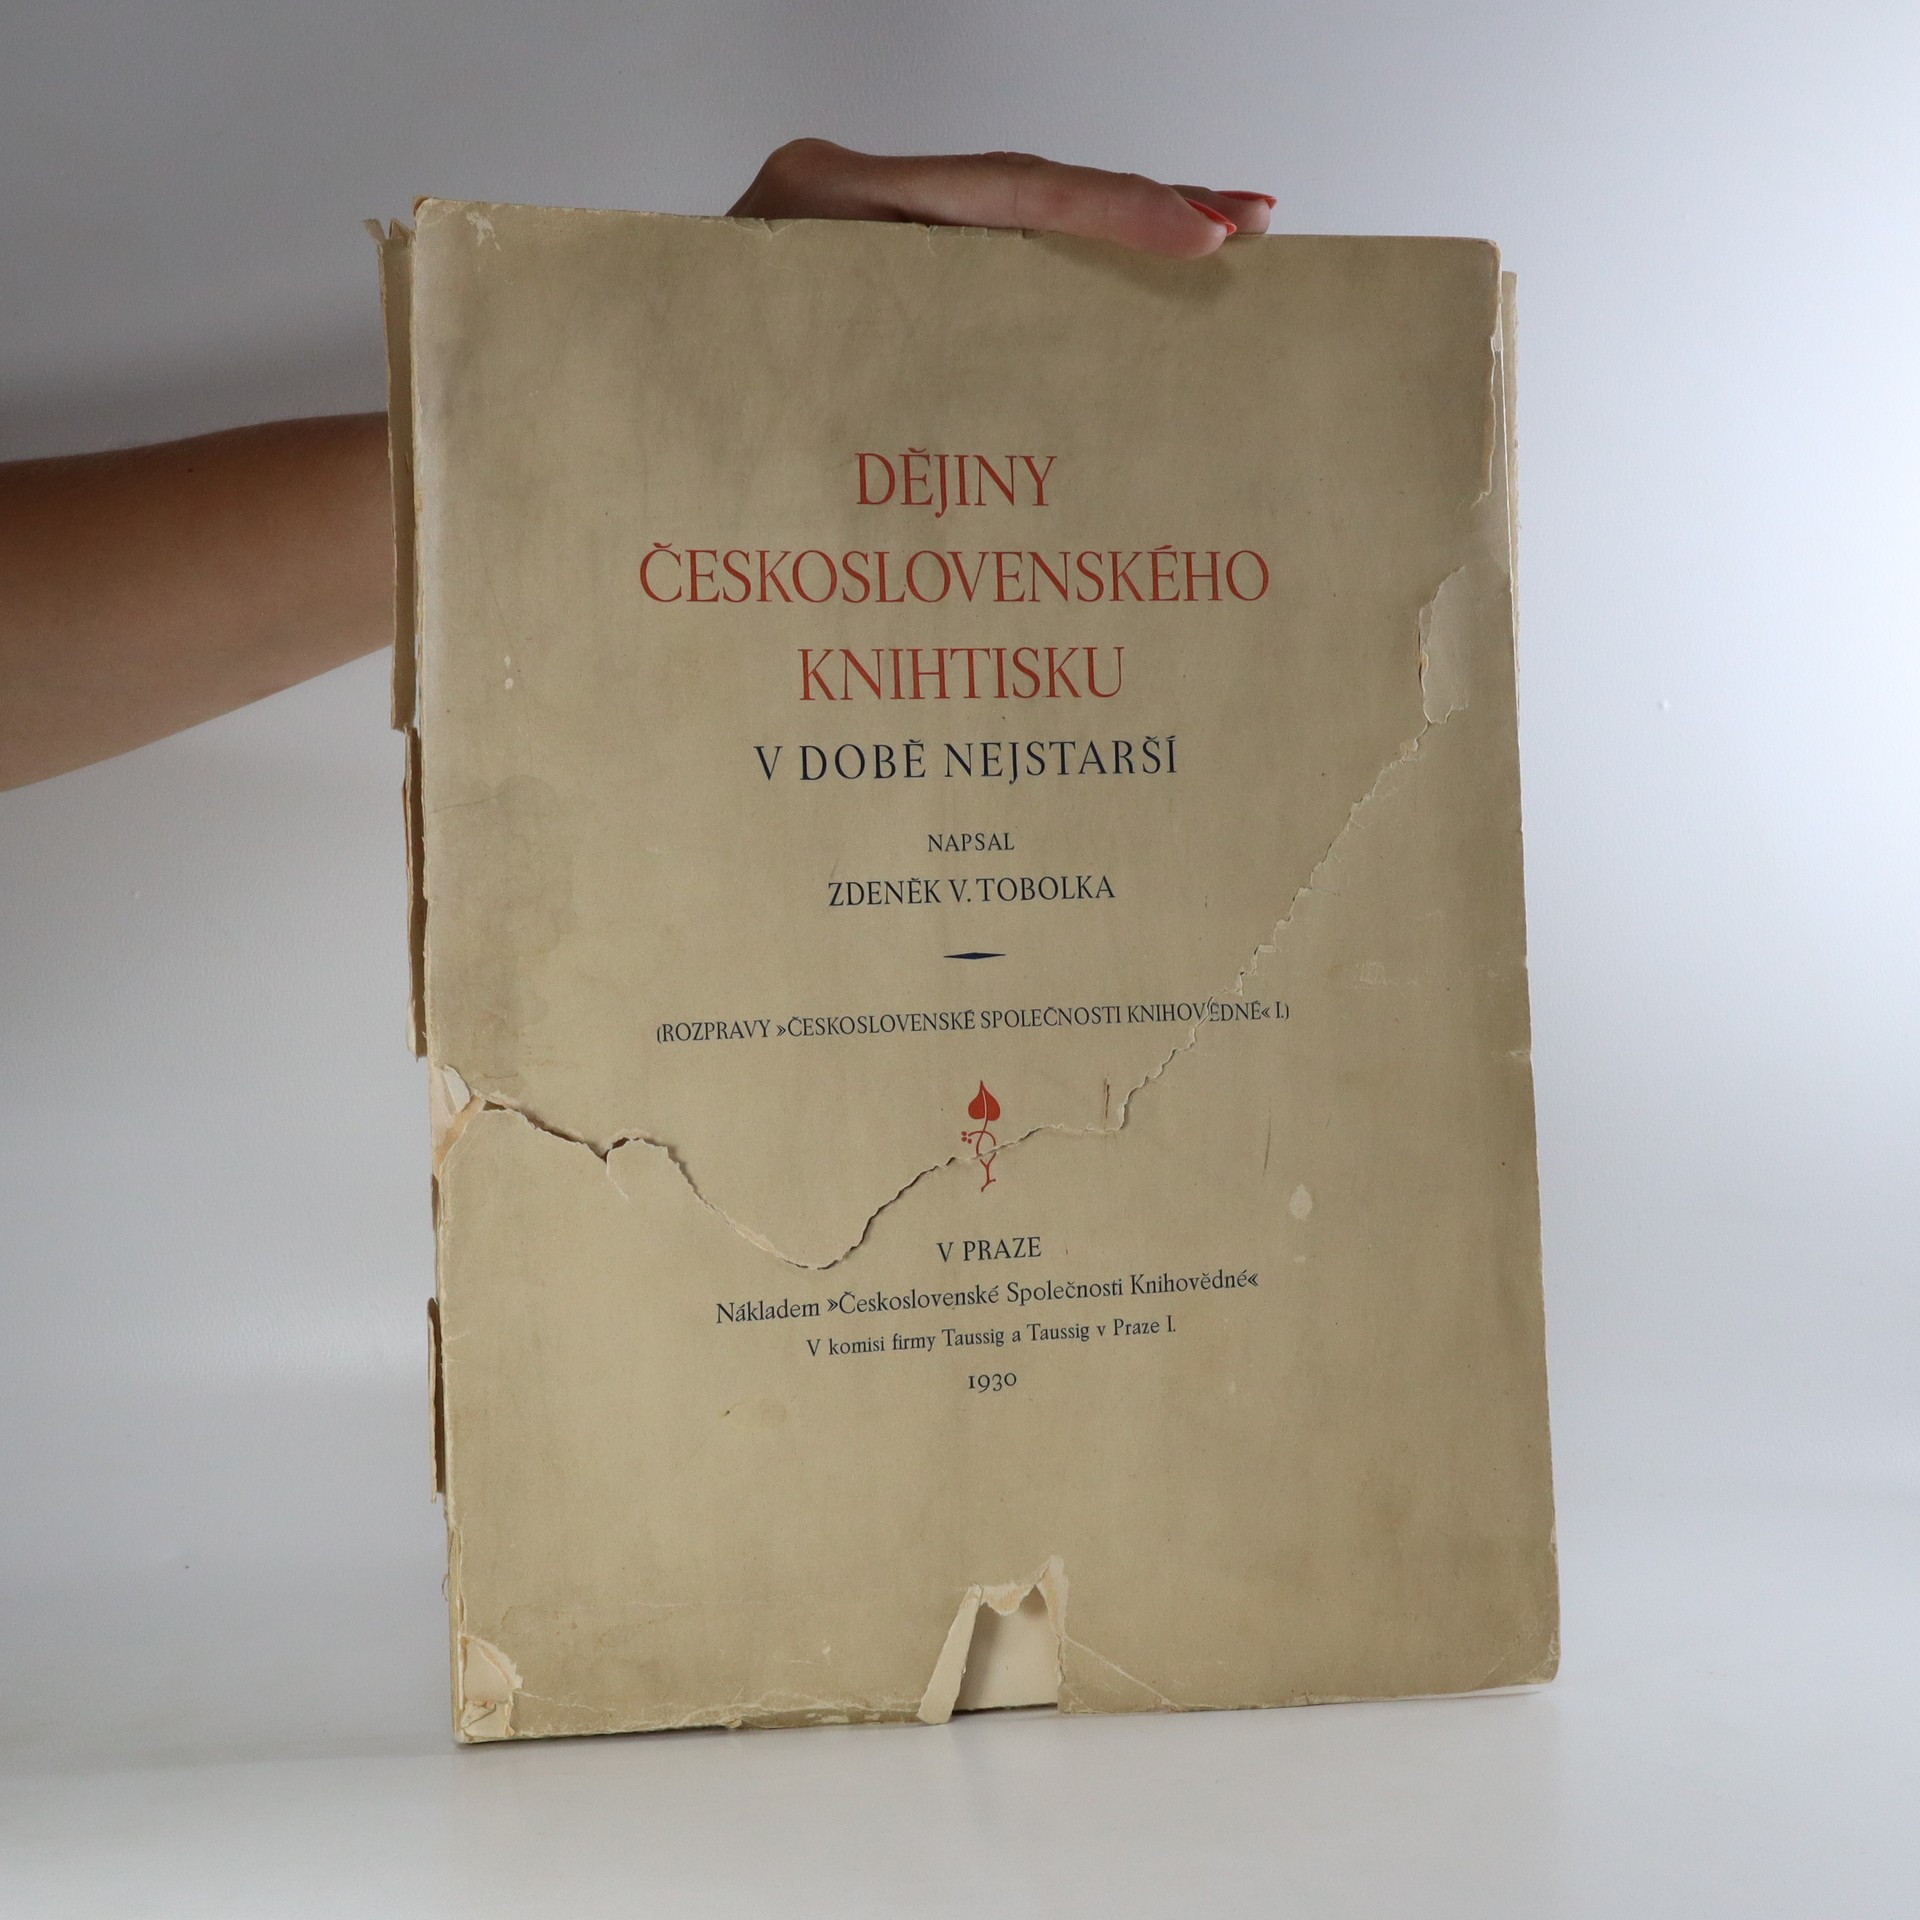 antikvární kniha Dějiny československého knihtisku v době nejstarší, 1930